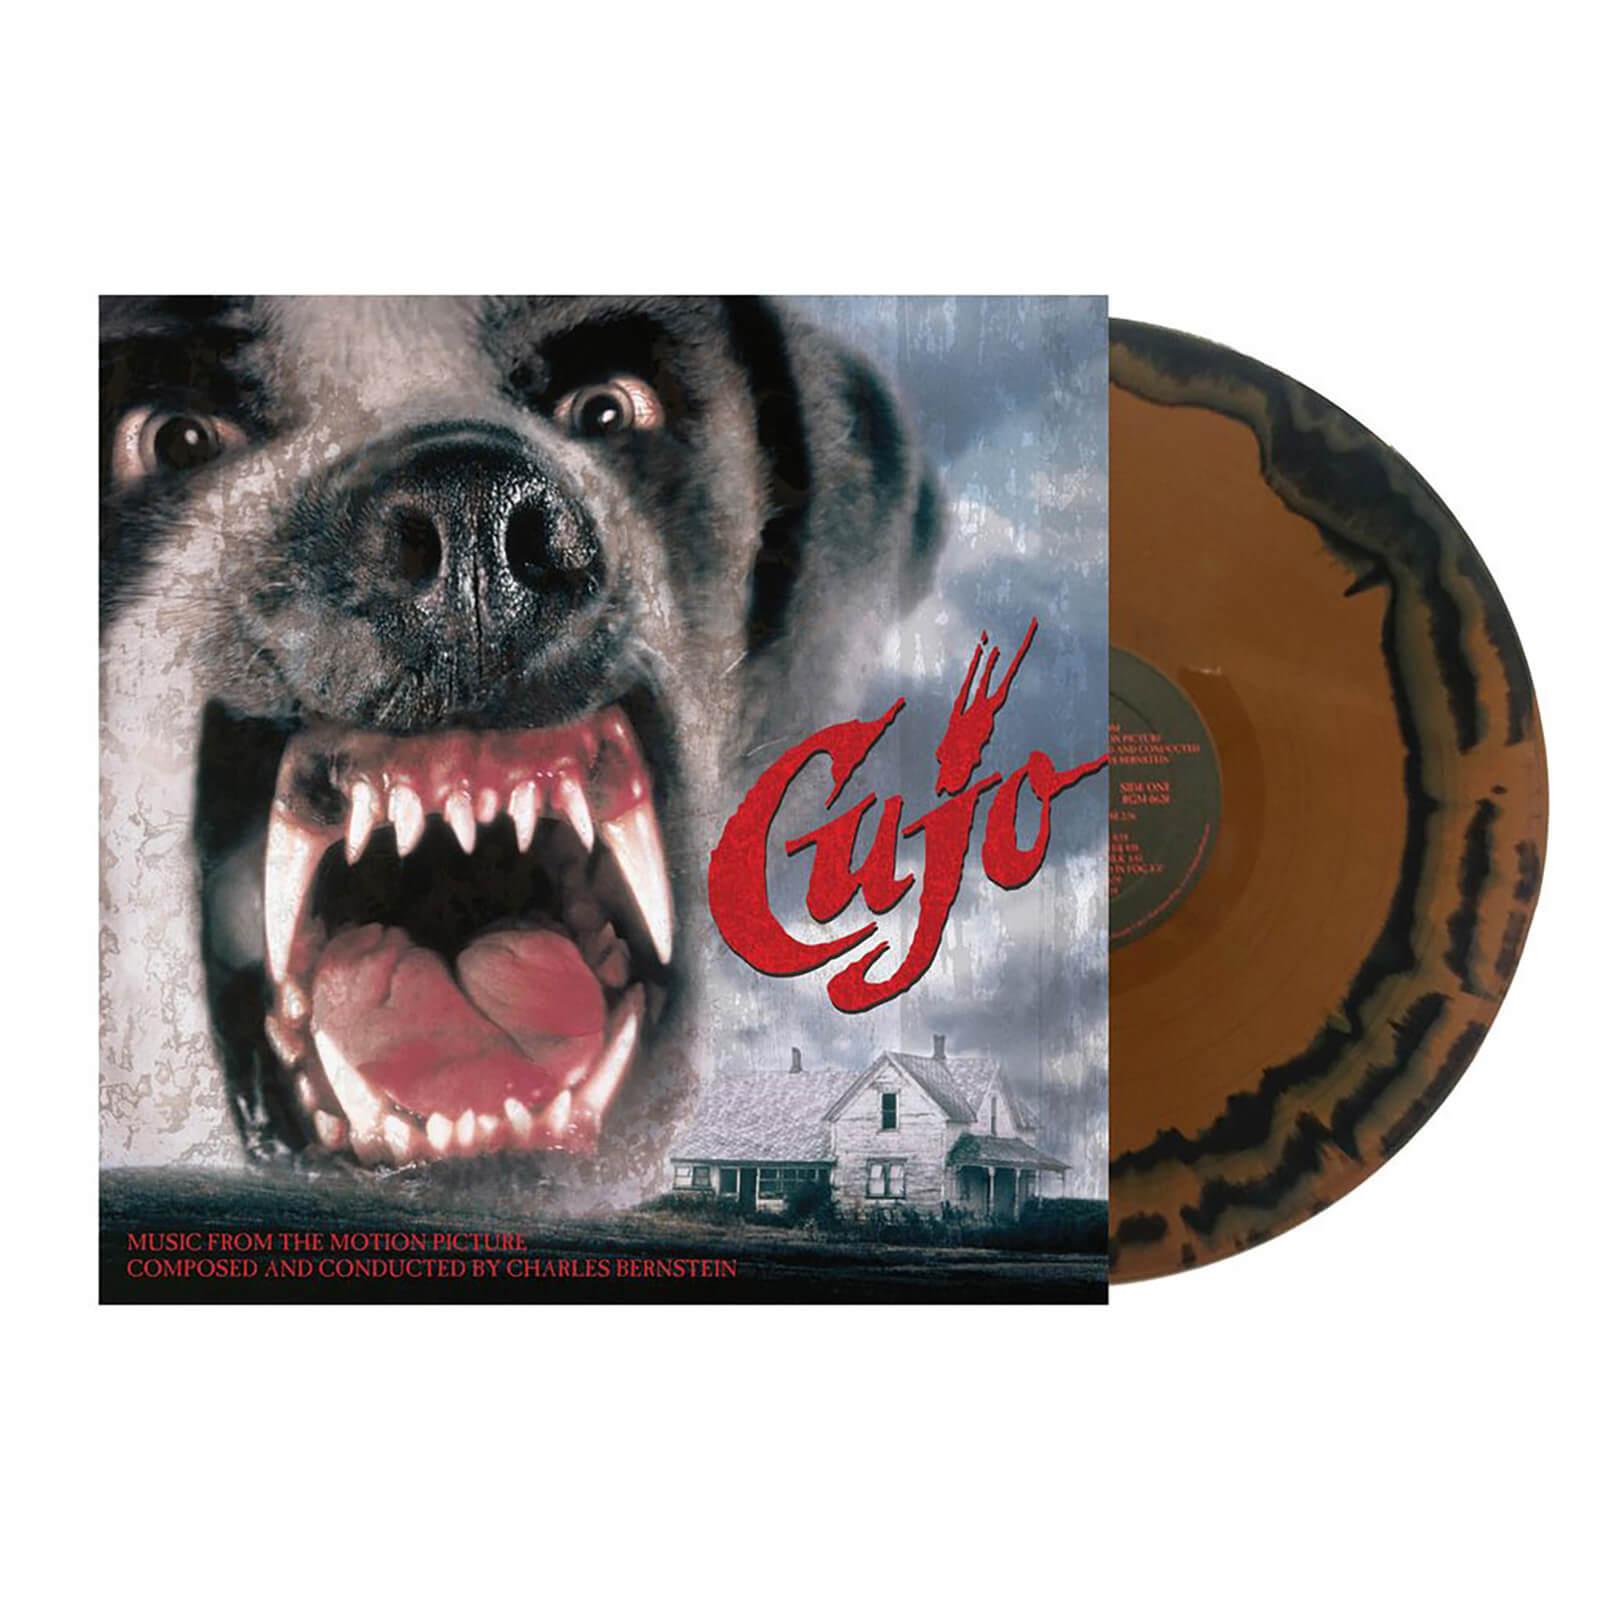 Real Gone Music Cujo - Charles Bernstein BSO Película - Edición limitada - LP-Vinilo (blanco y marrón)